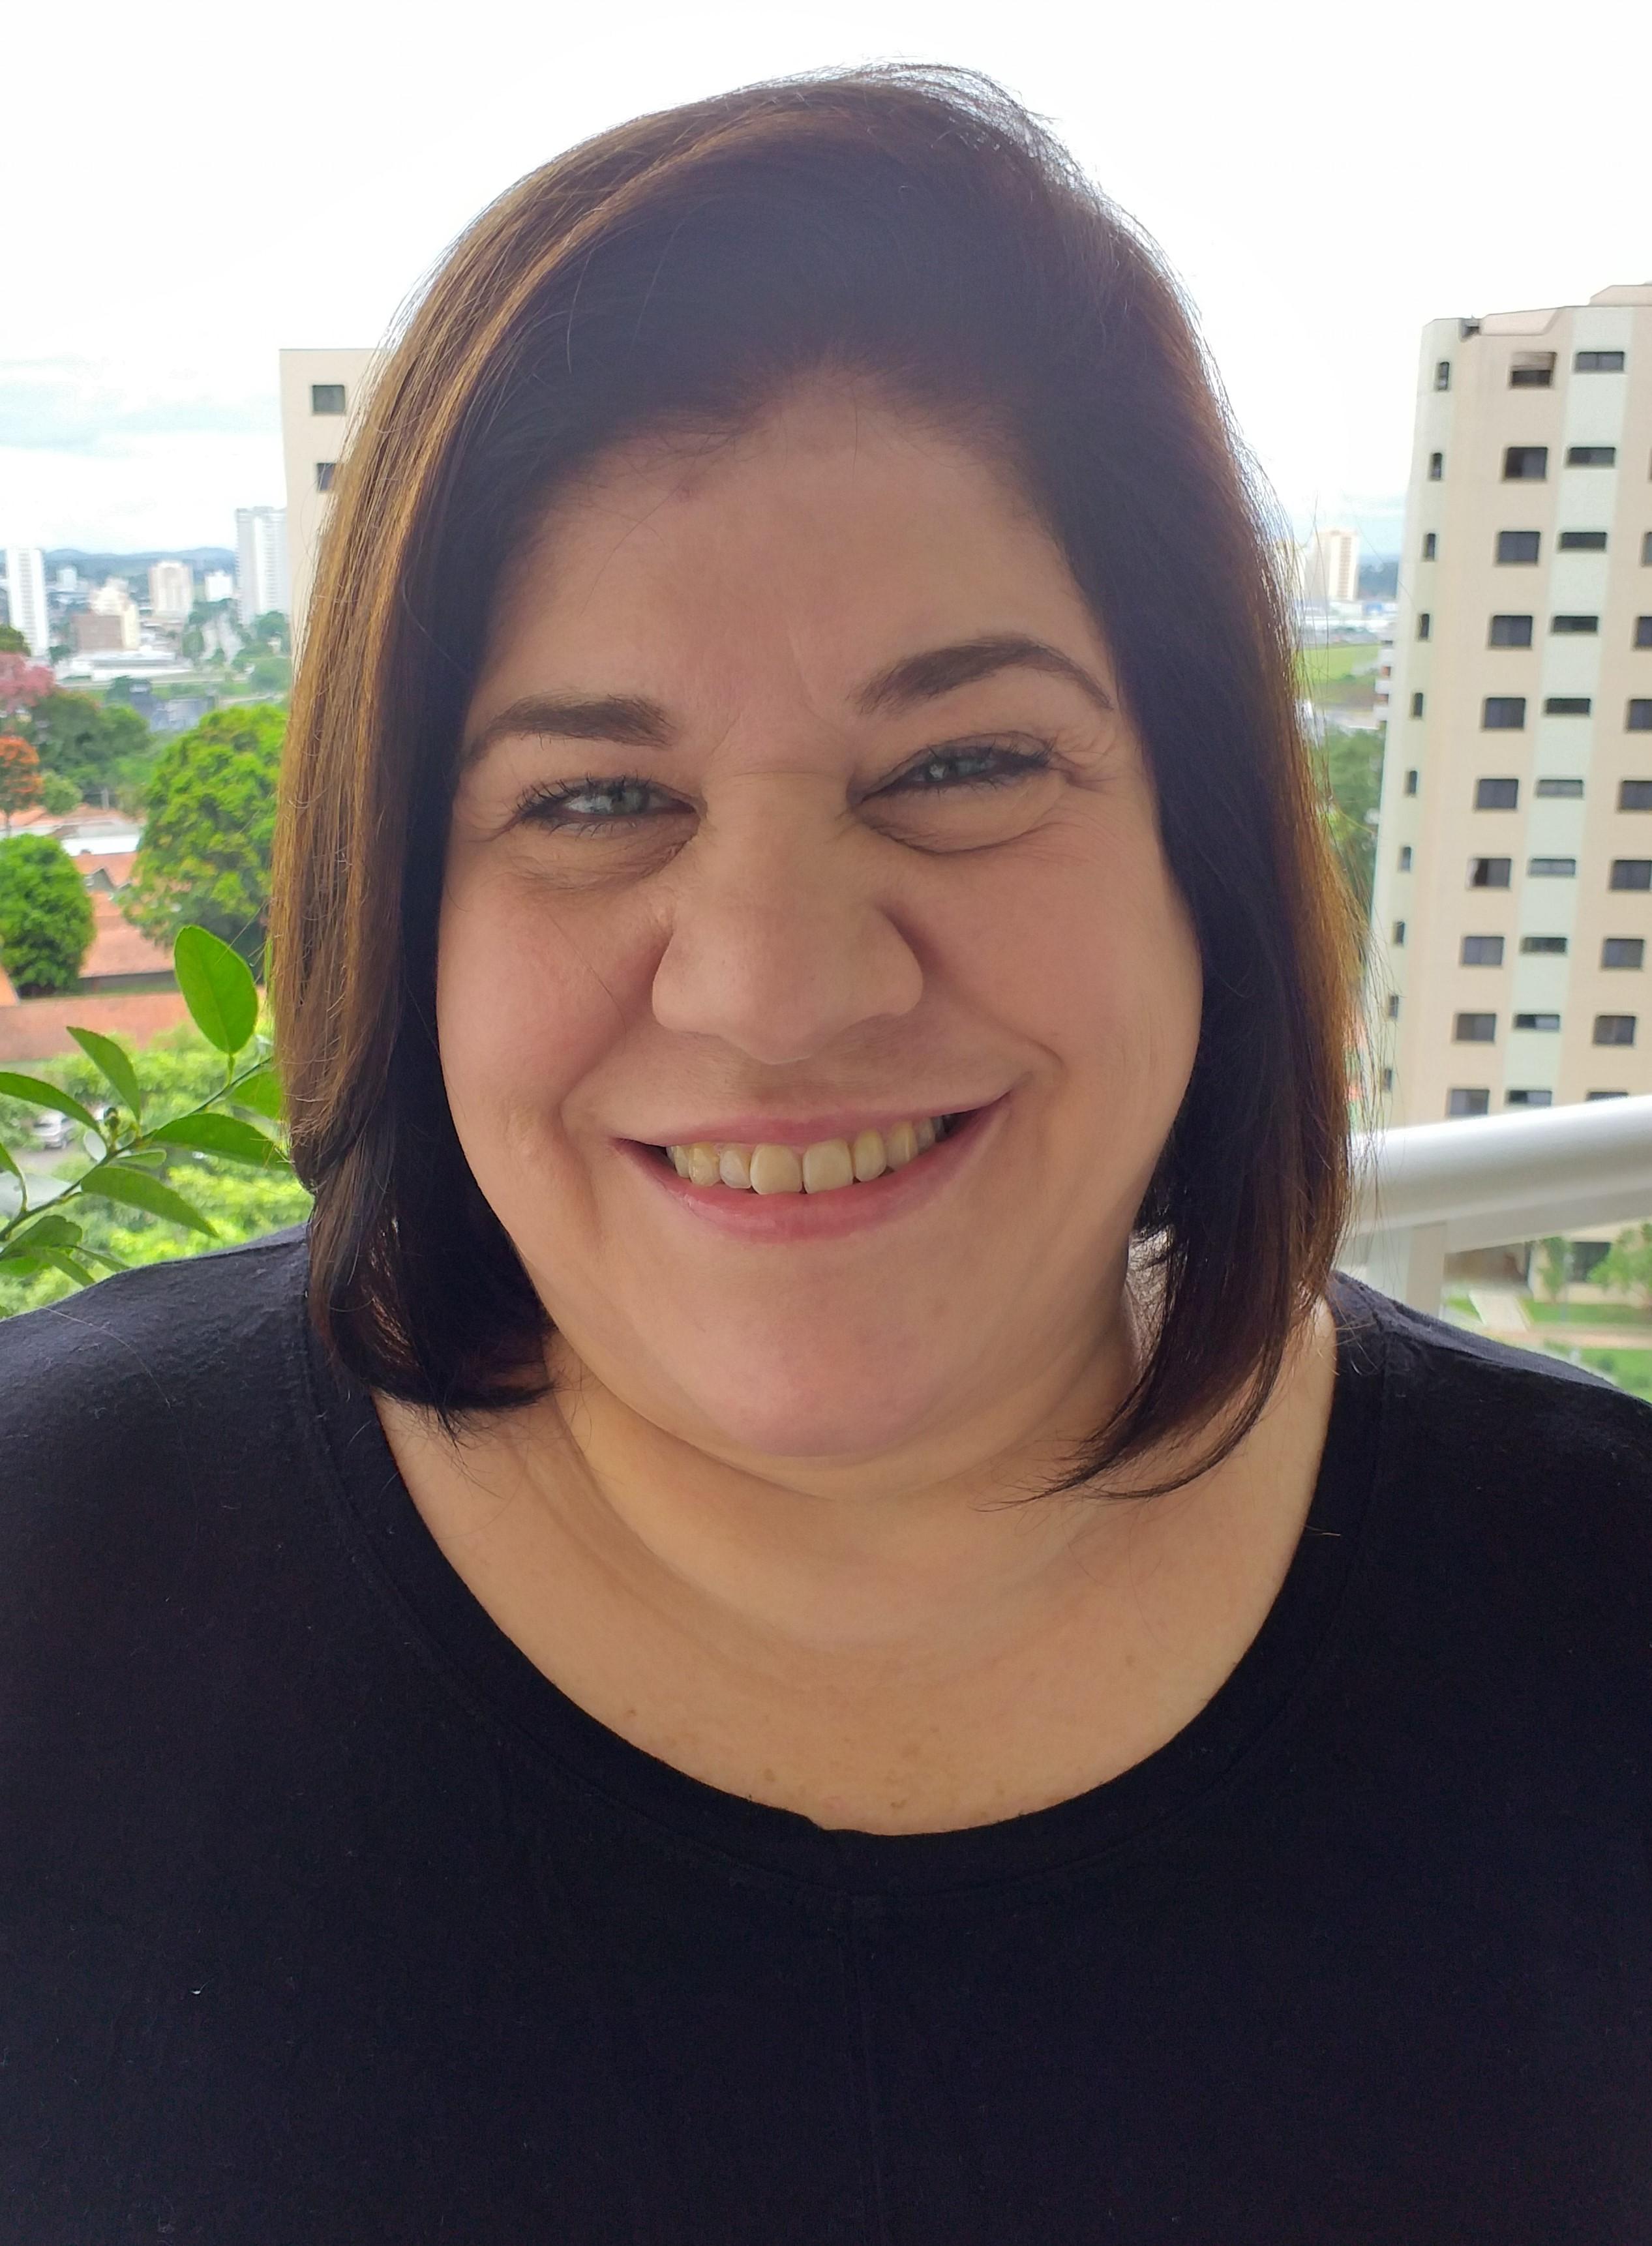 Flavia Iglesias Milani